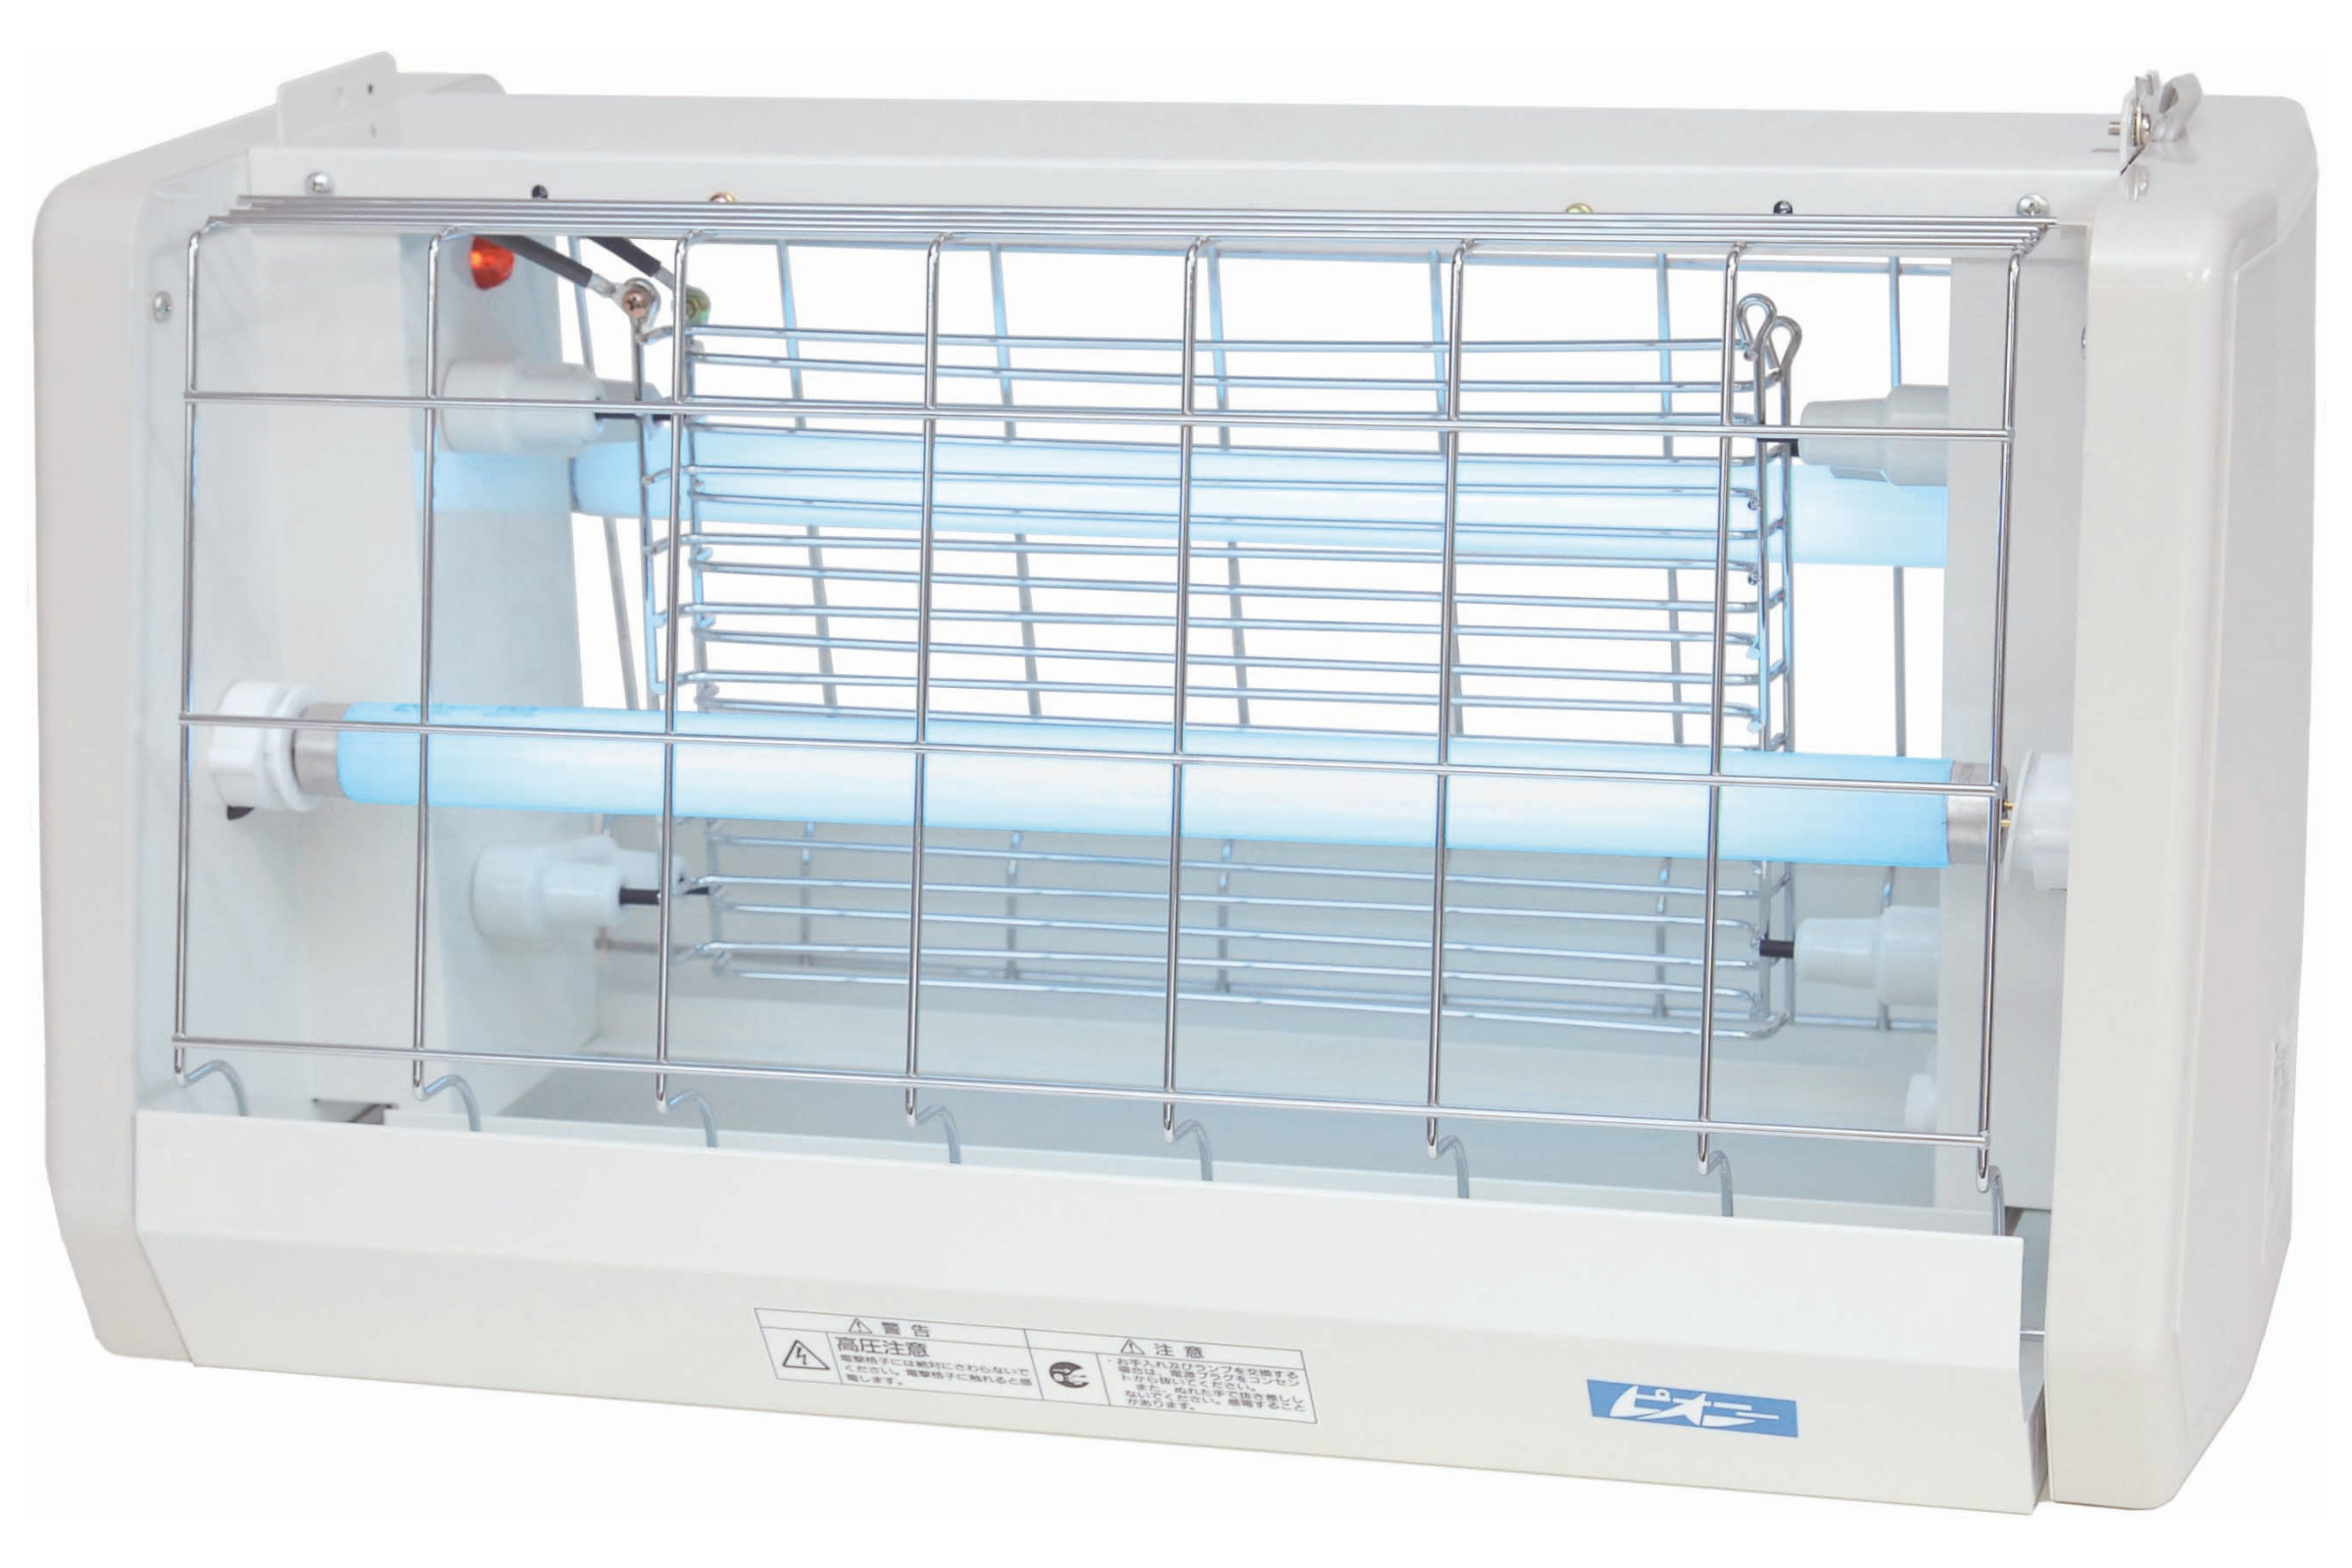 20Wの誘虫灯を2本使用し、虫の好む365nmの紫外線で虫を強力に誘引します。